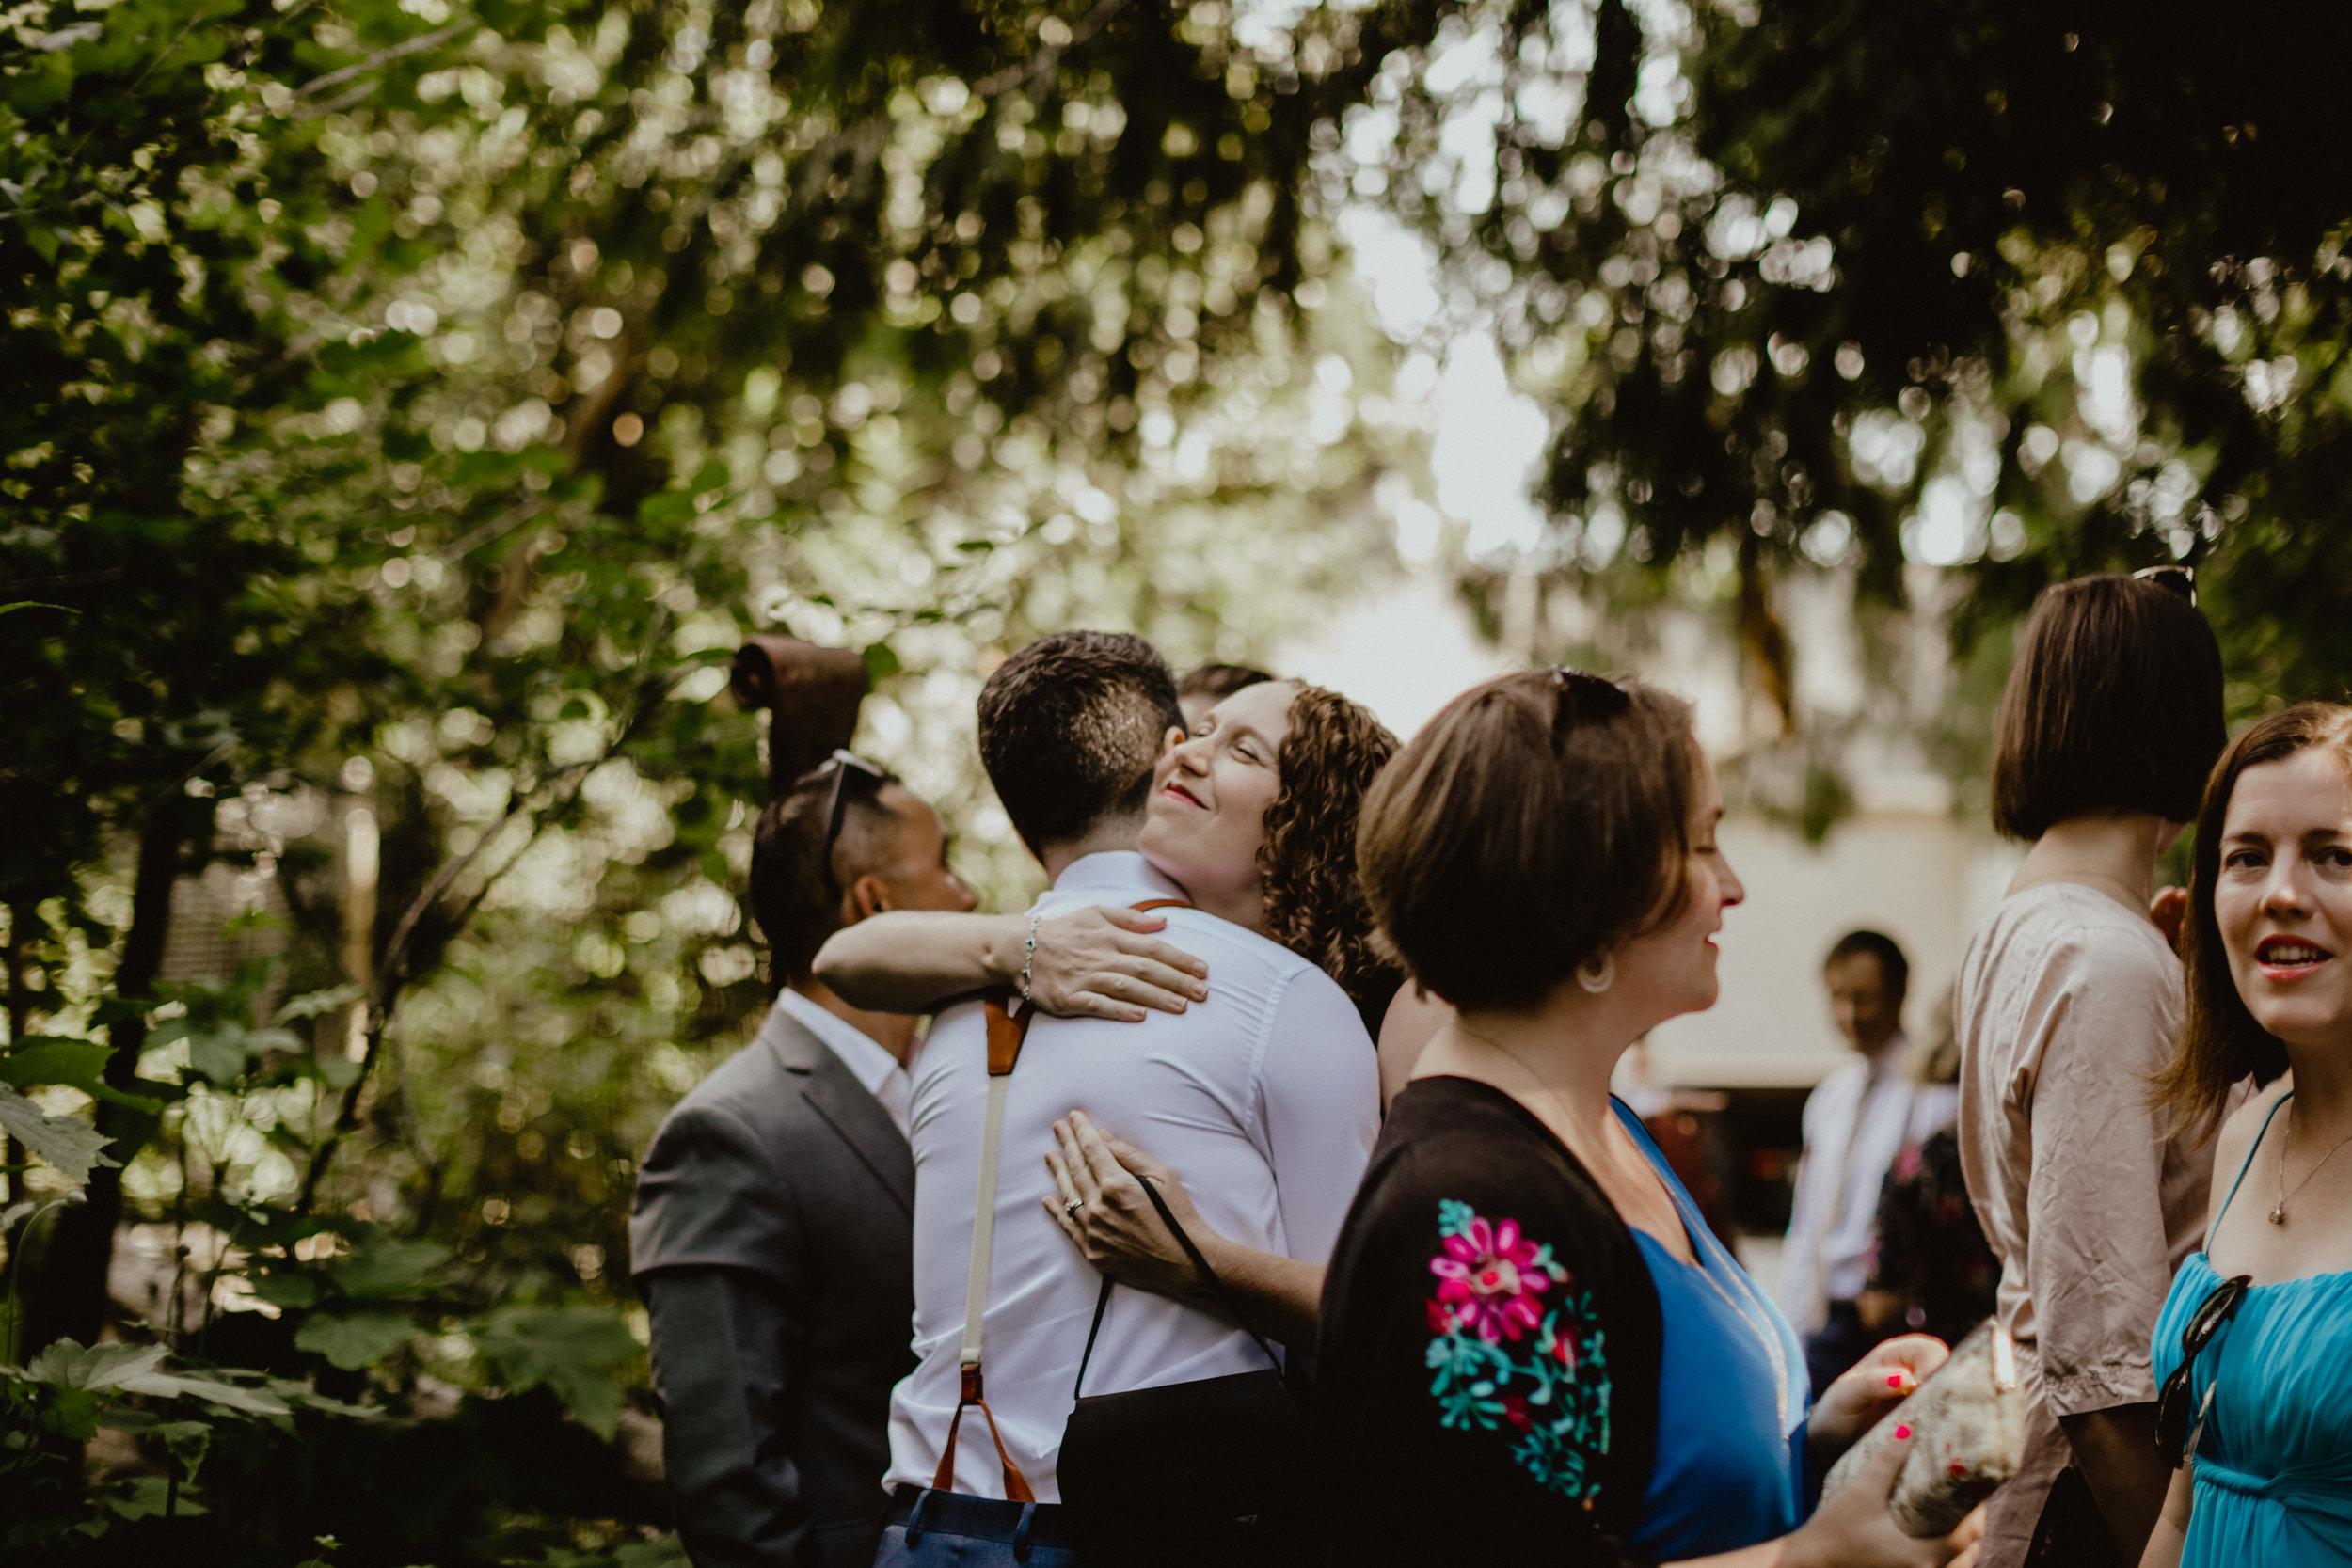 west-vancouver-backyard-wedding-76.jpg